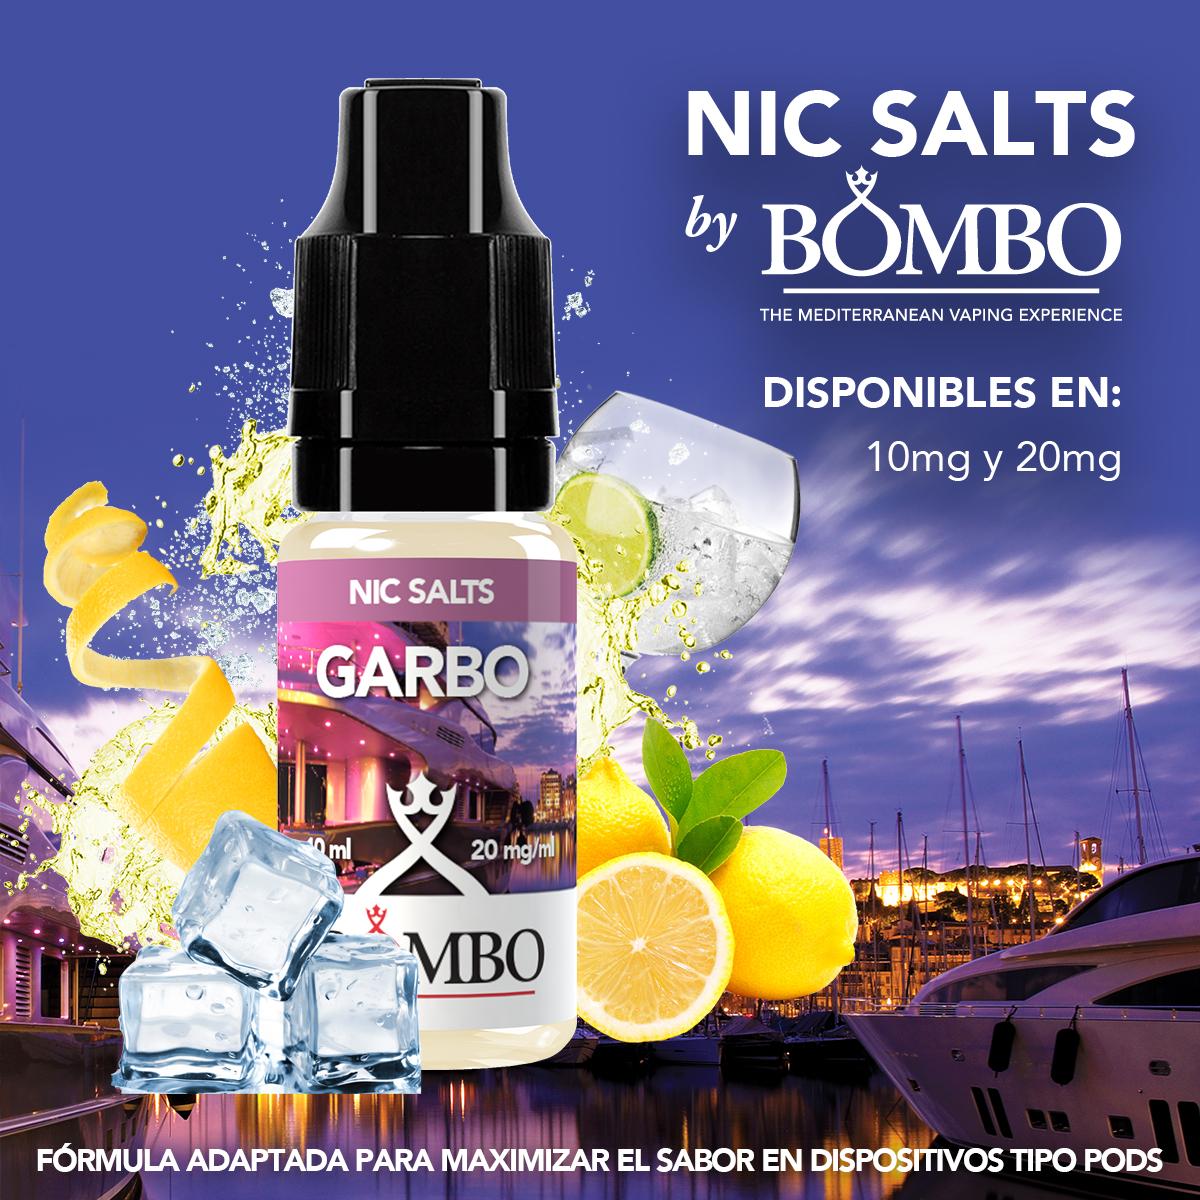 garbo bombo eliquids nic salts sales de nicotina